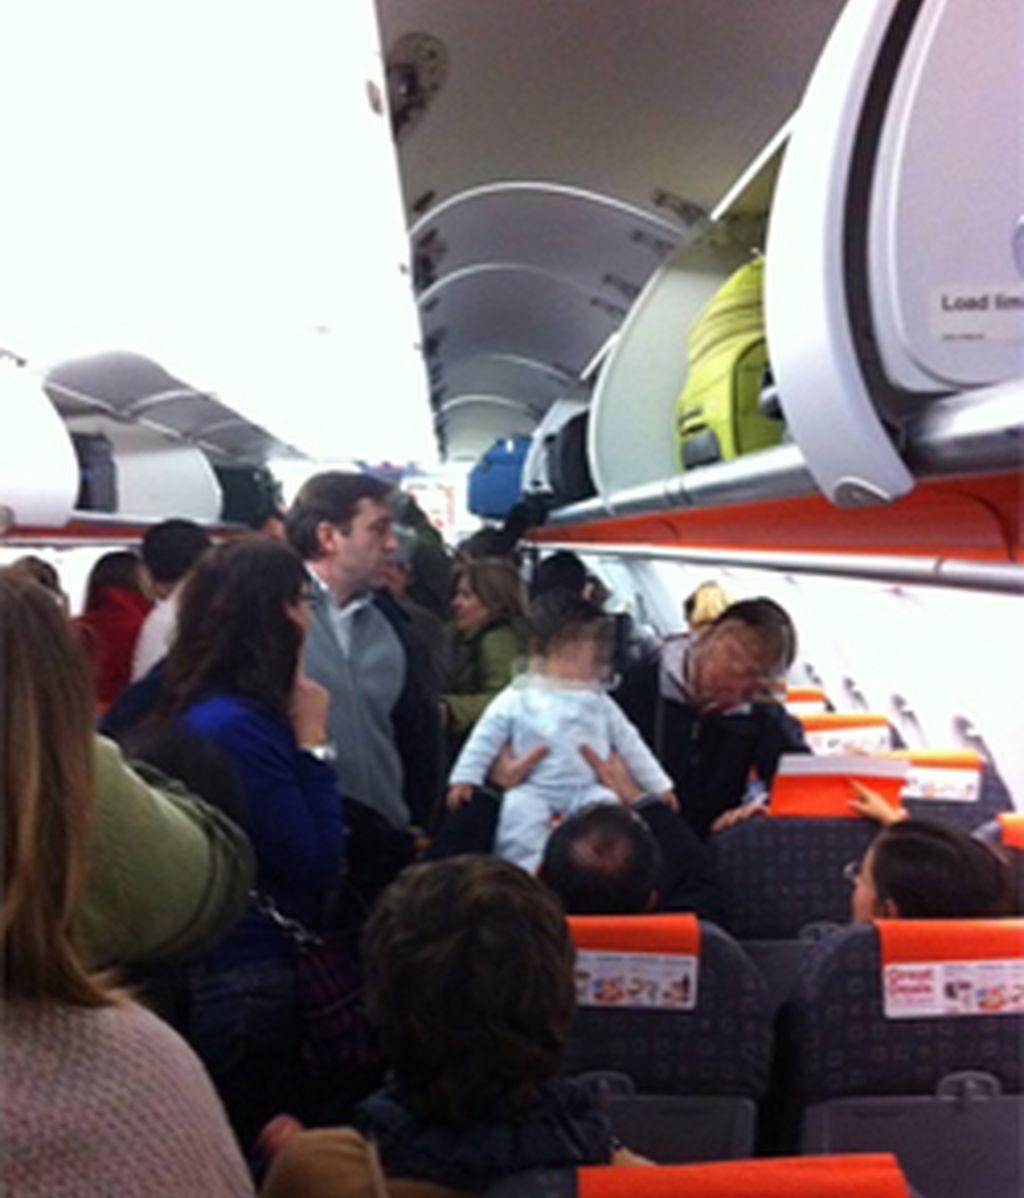 El pasajero Fernando Encinar ha colgado esta imagen del interior del avión donde permanecen tras el cierre del espacio aéreo. FOTO: Fernando Encinar